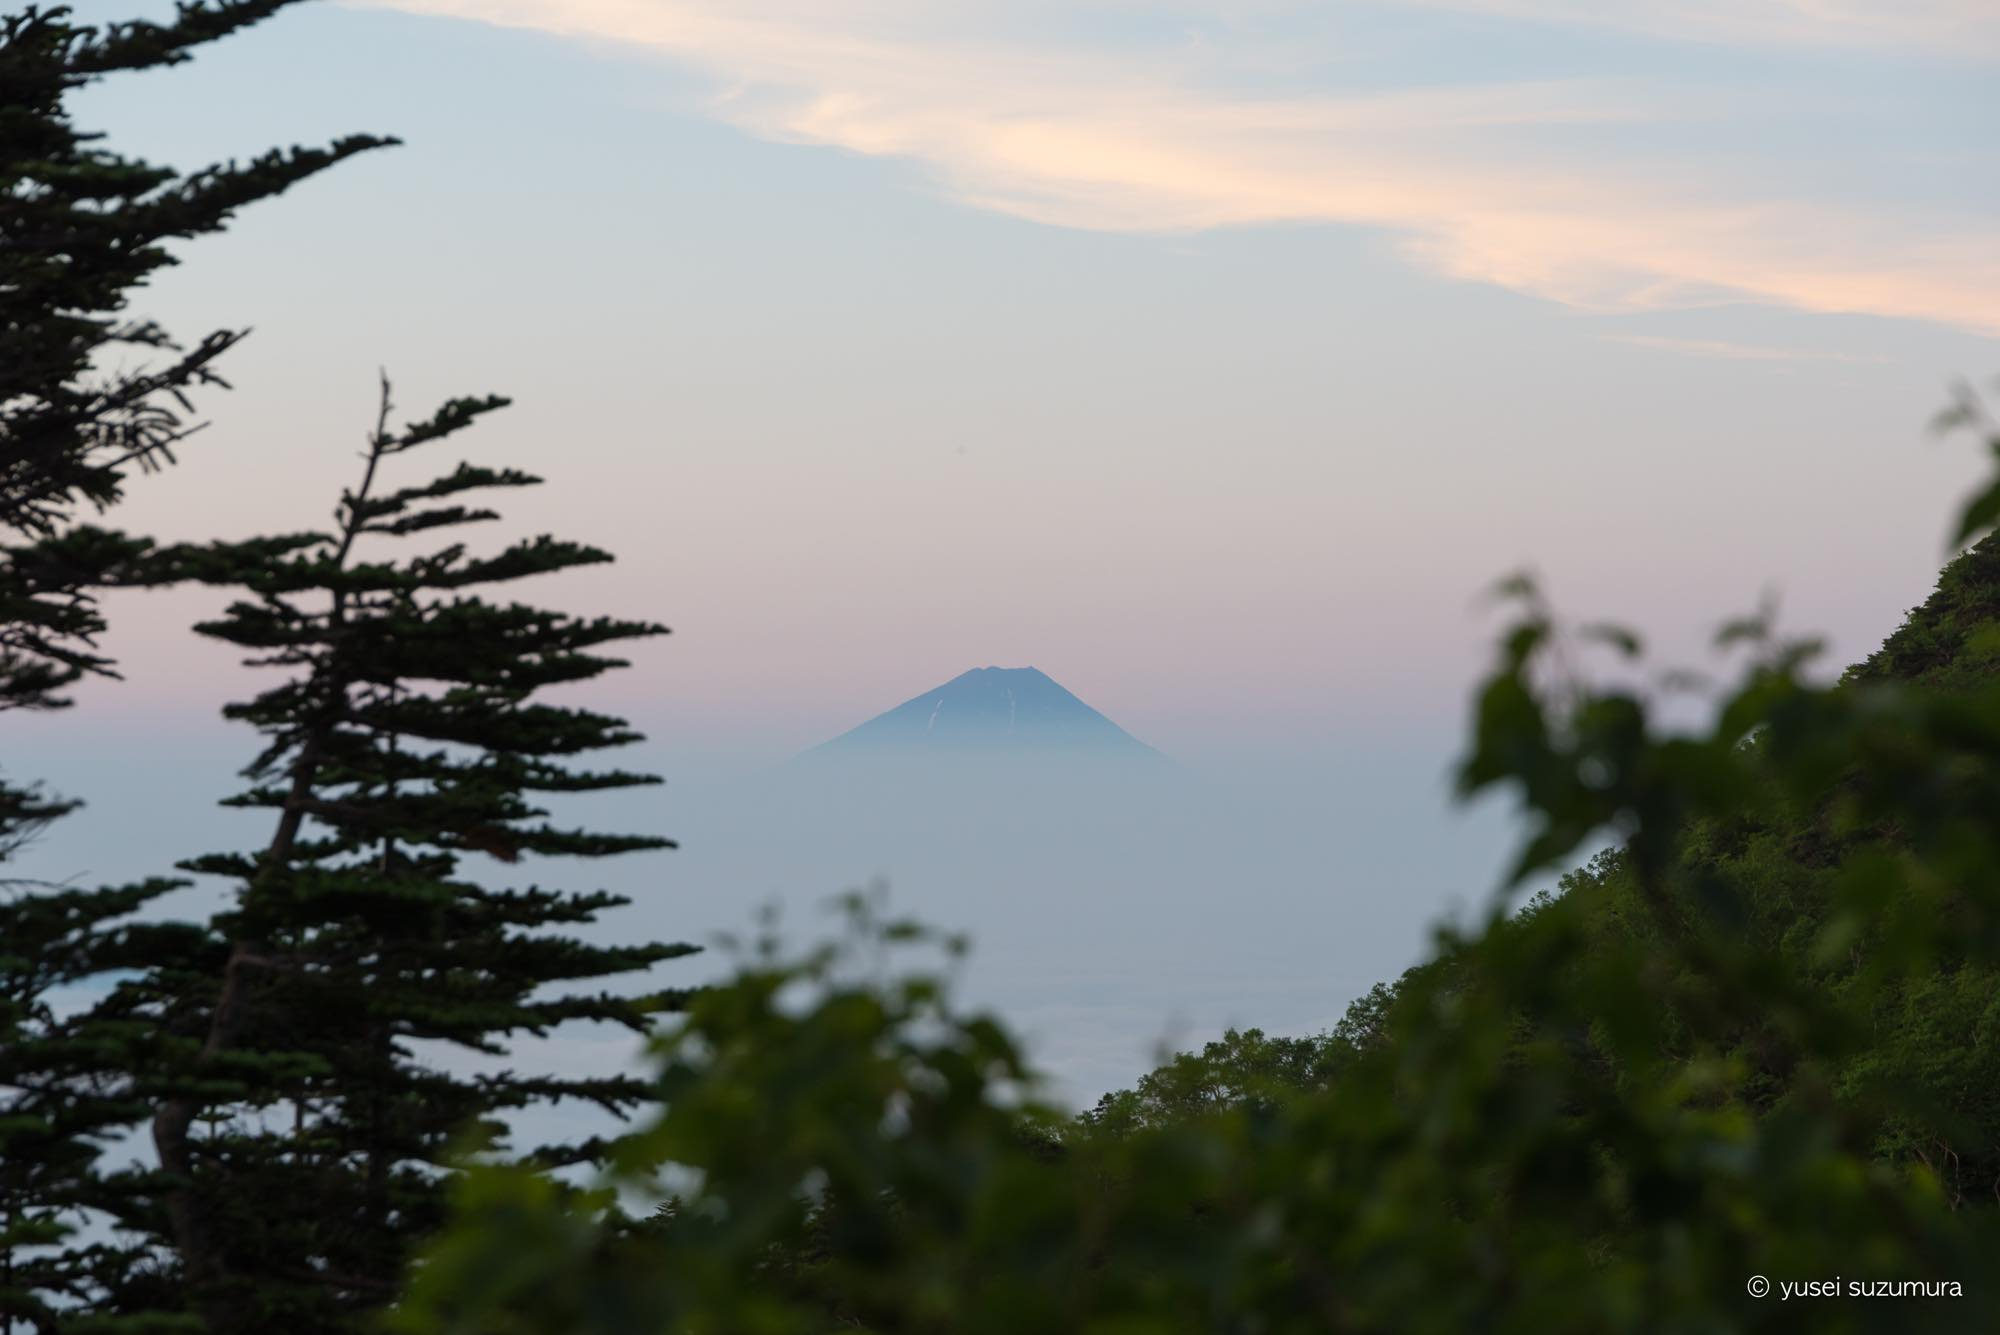 八ヶ岳の赤岳に登頂!しかし阿弥陀岳にて遭難する。